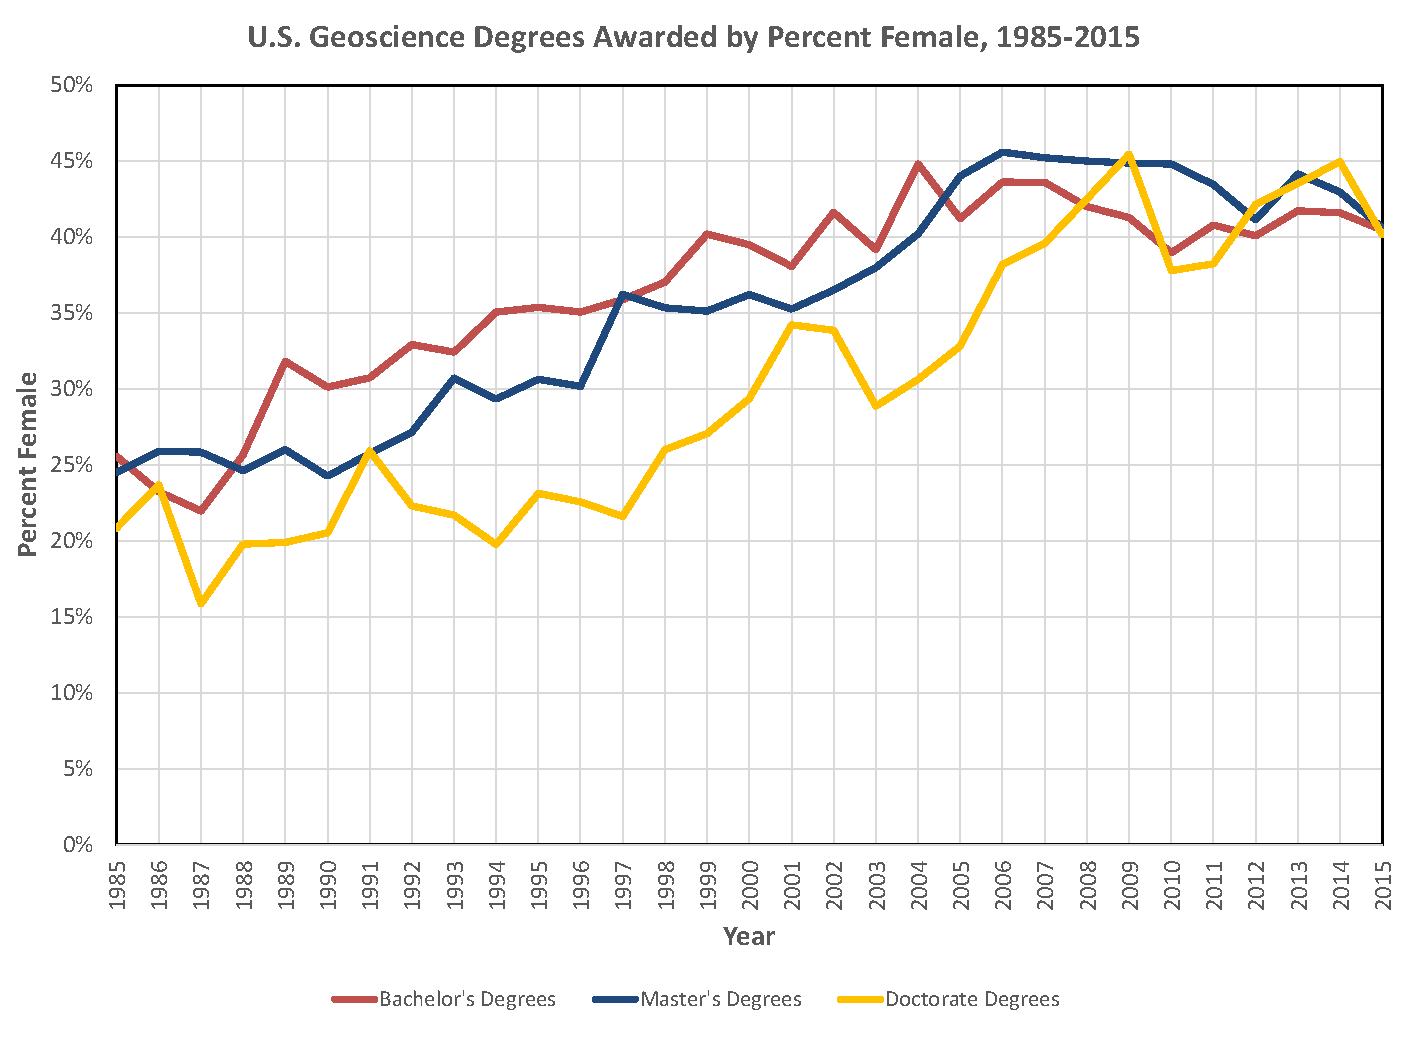 US Gender Degrees Awarded, 2015